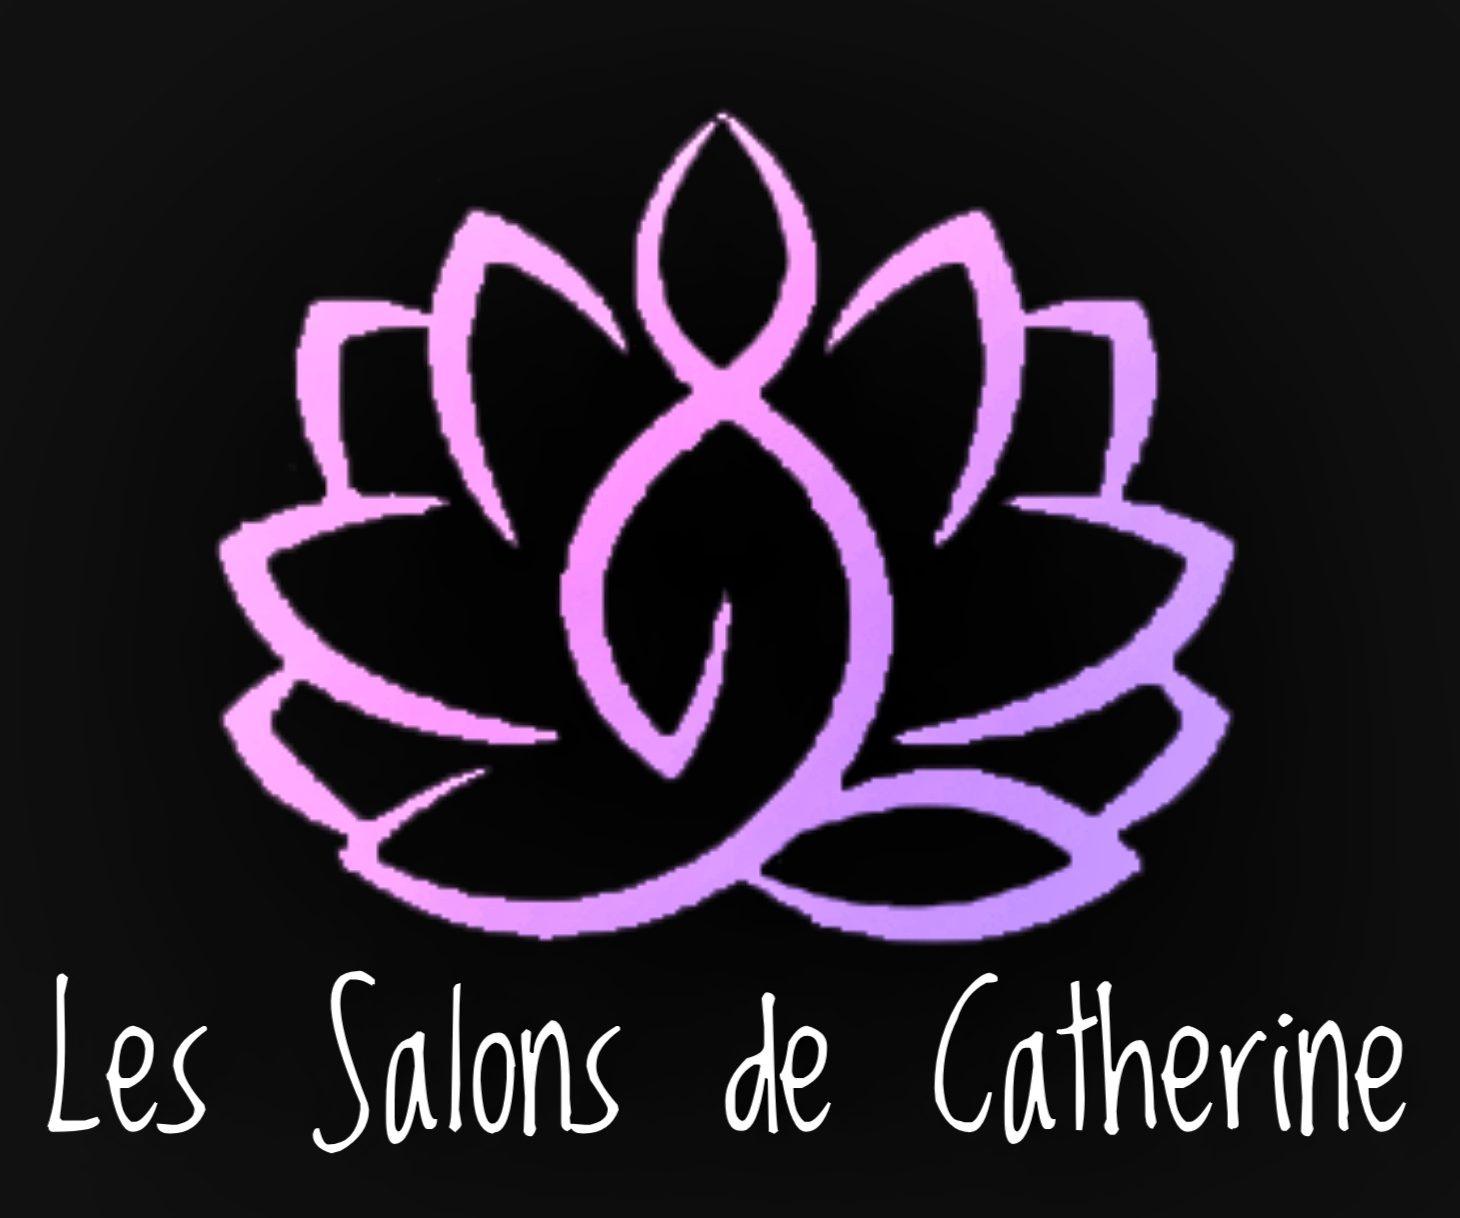 Les Salons de Catherine